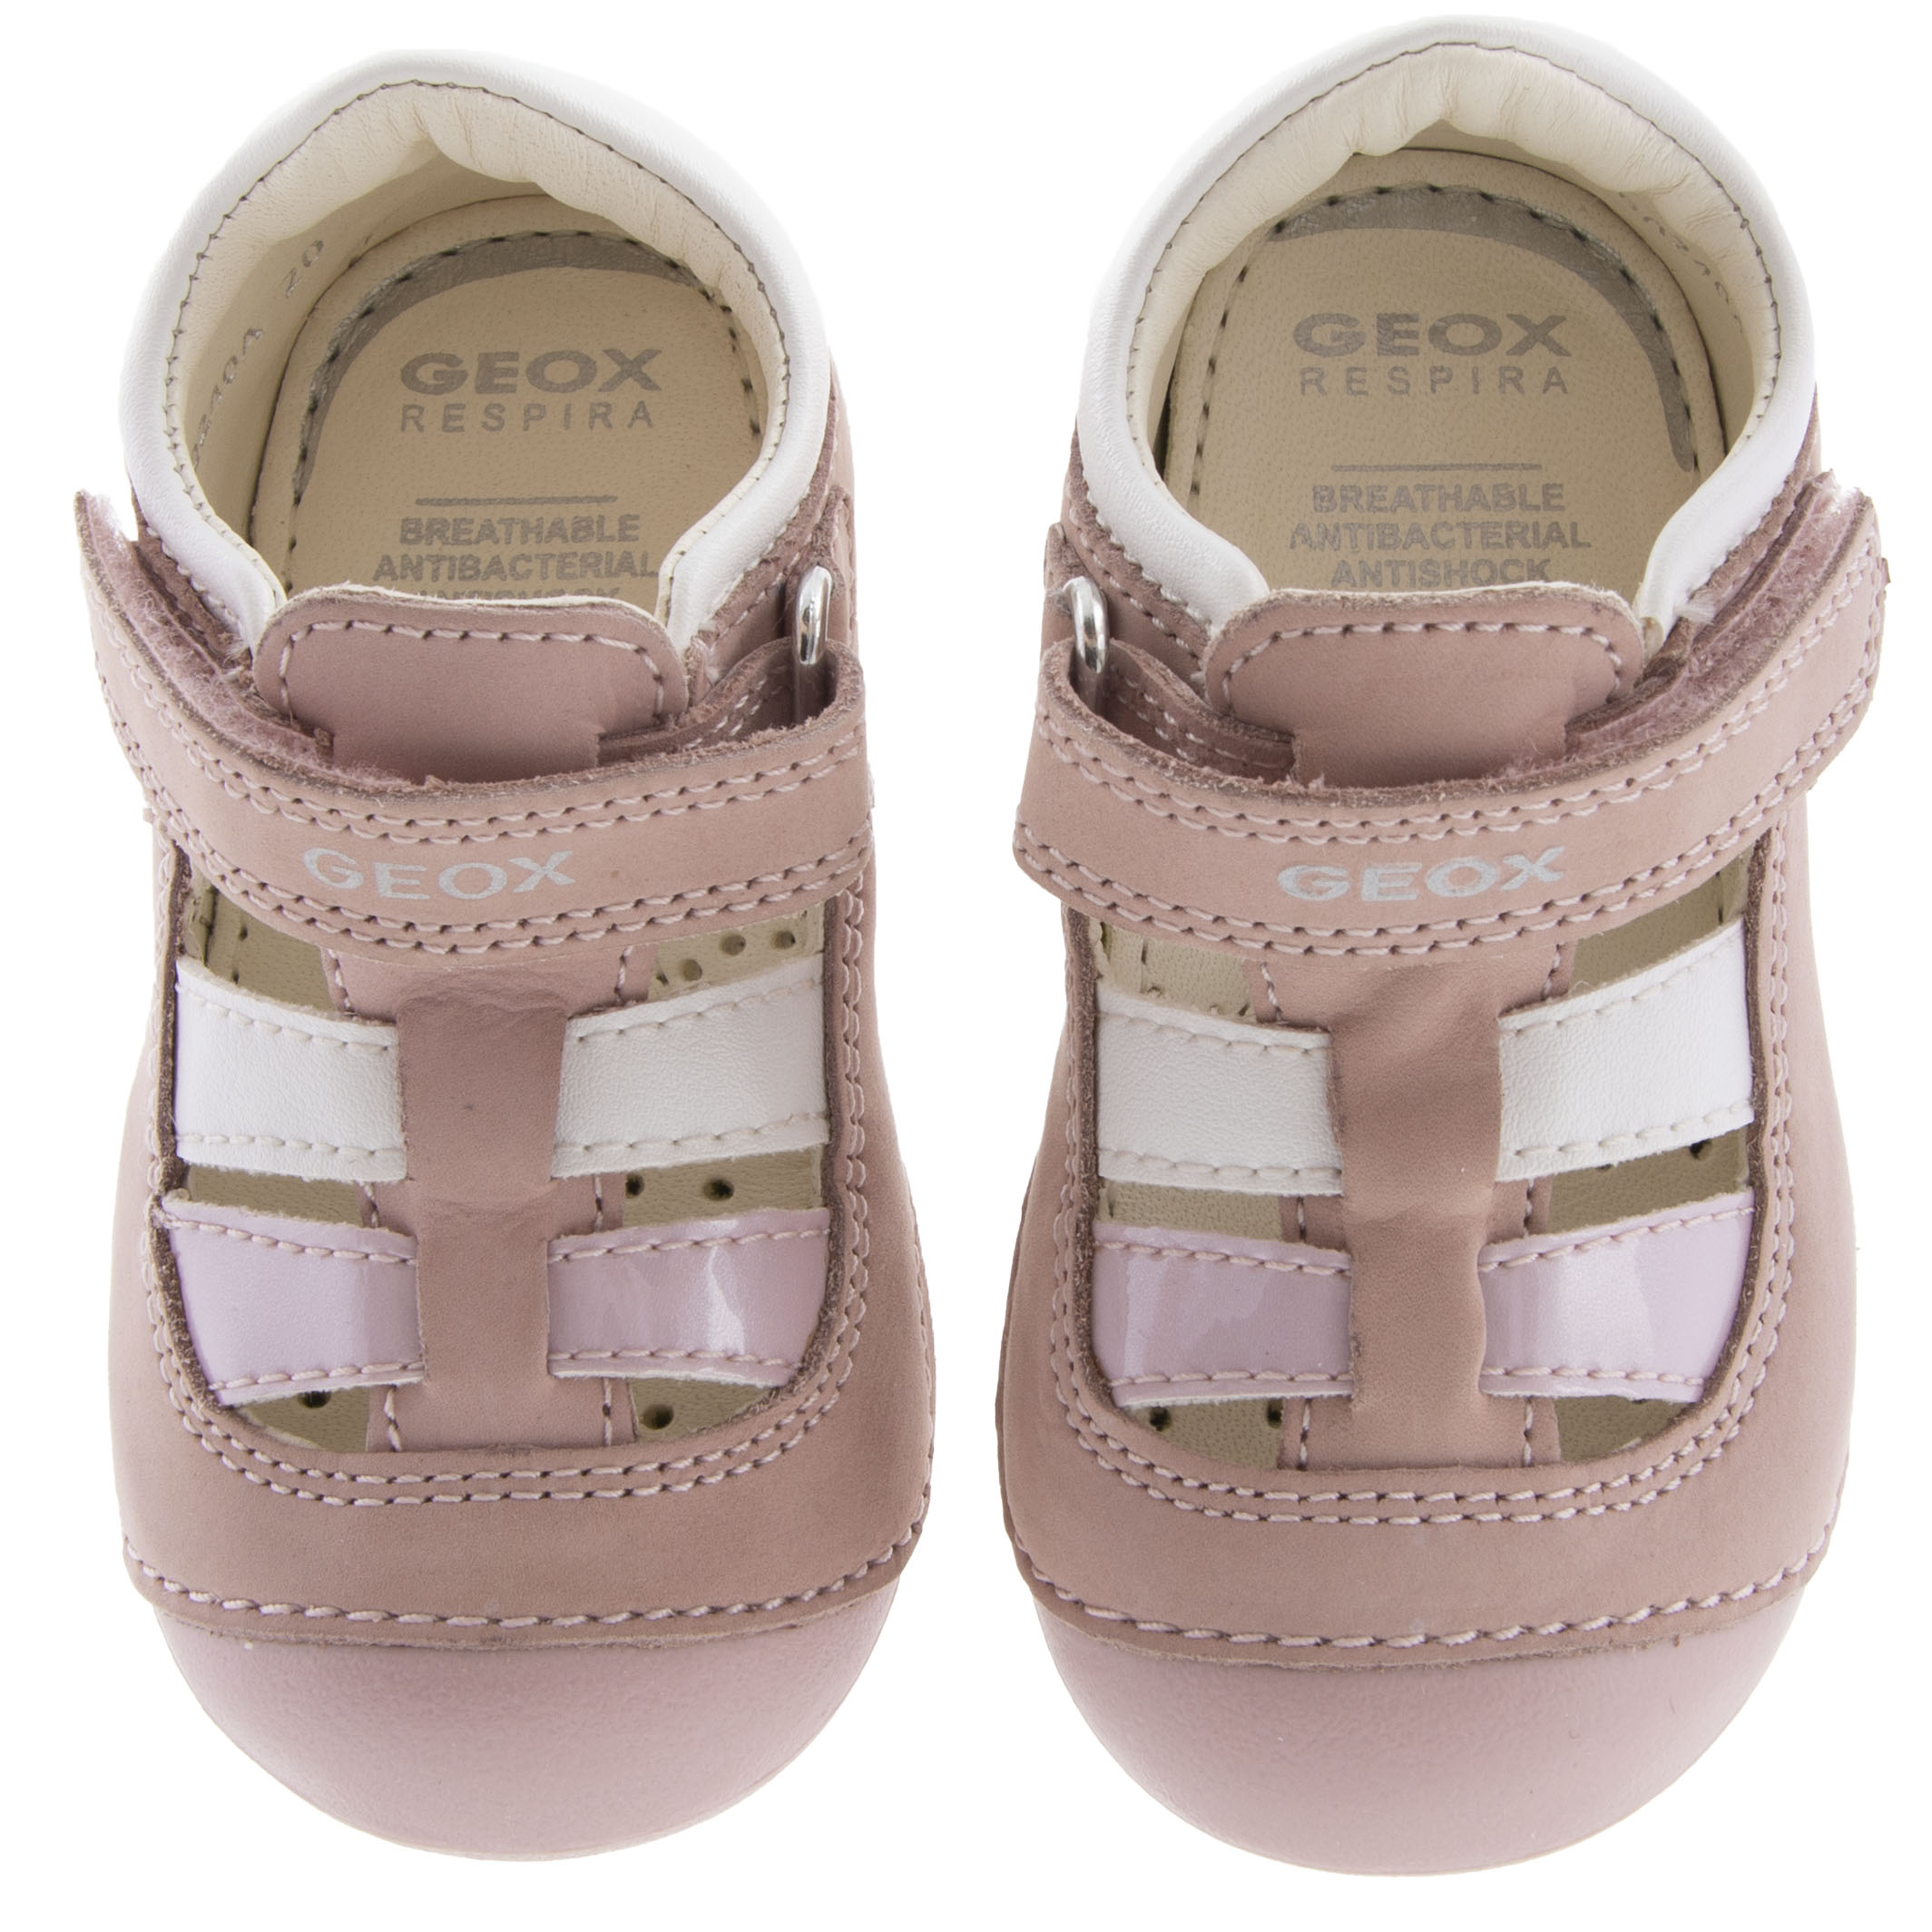 Κορίτσι παπουτσοπέδιλο δερμα ροζ GEOX  Β0240Α 032ΗΙ C8010